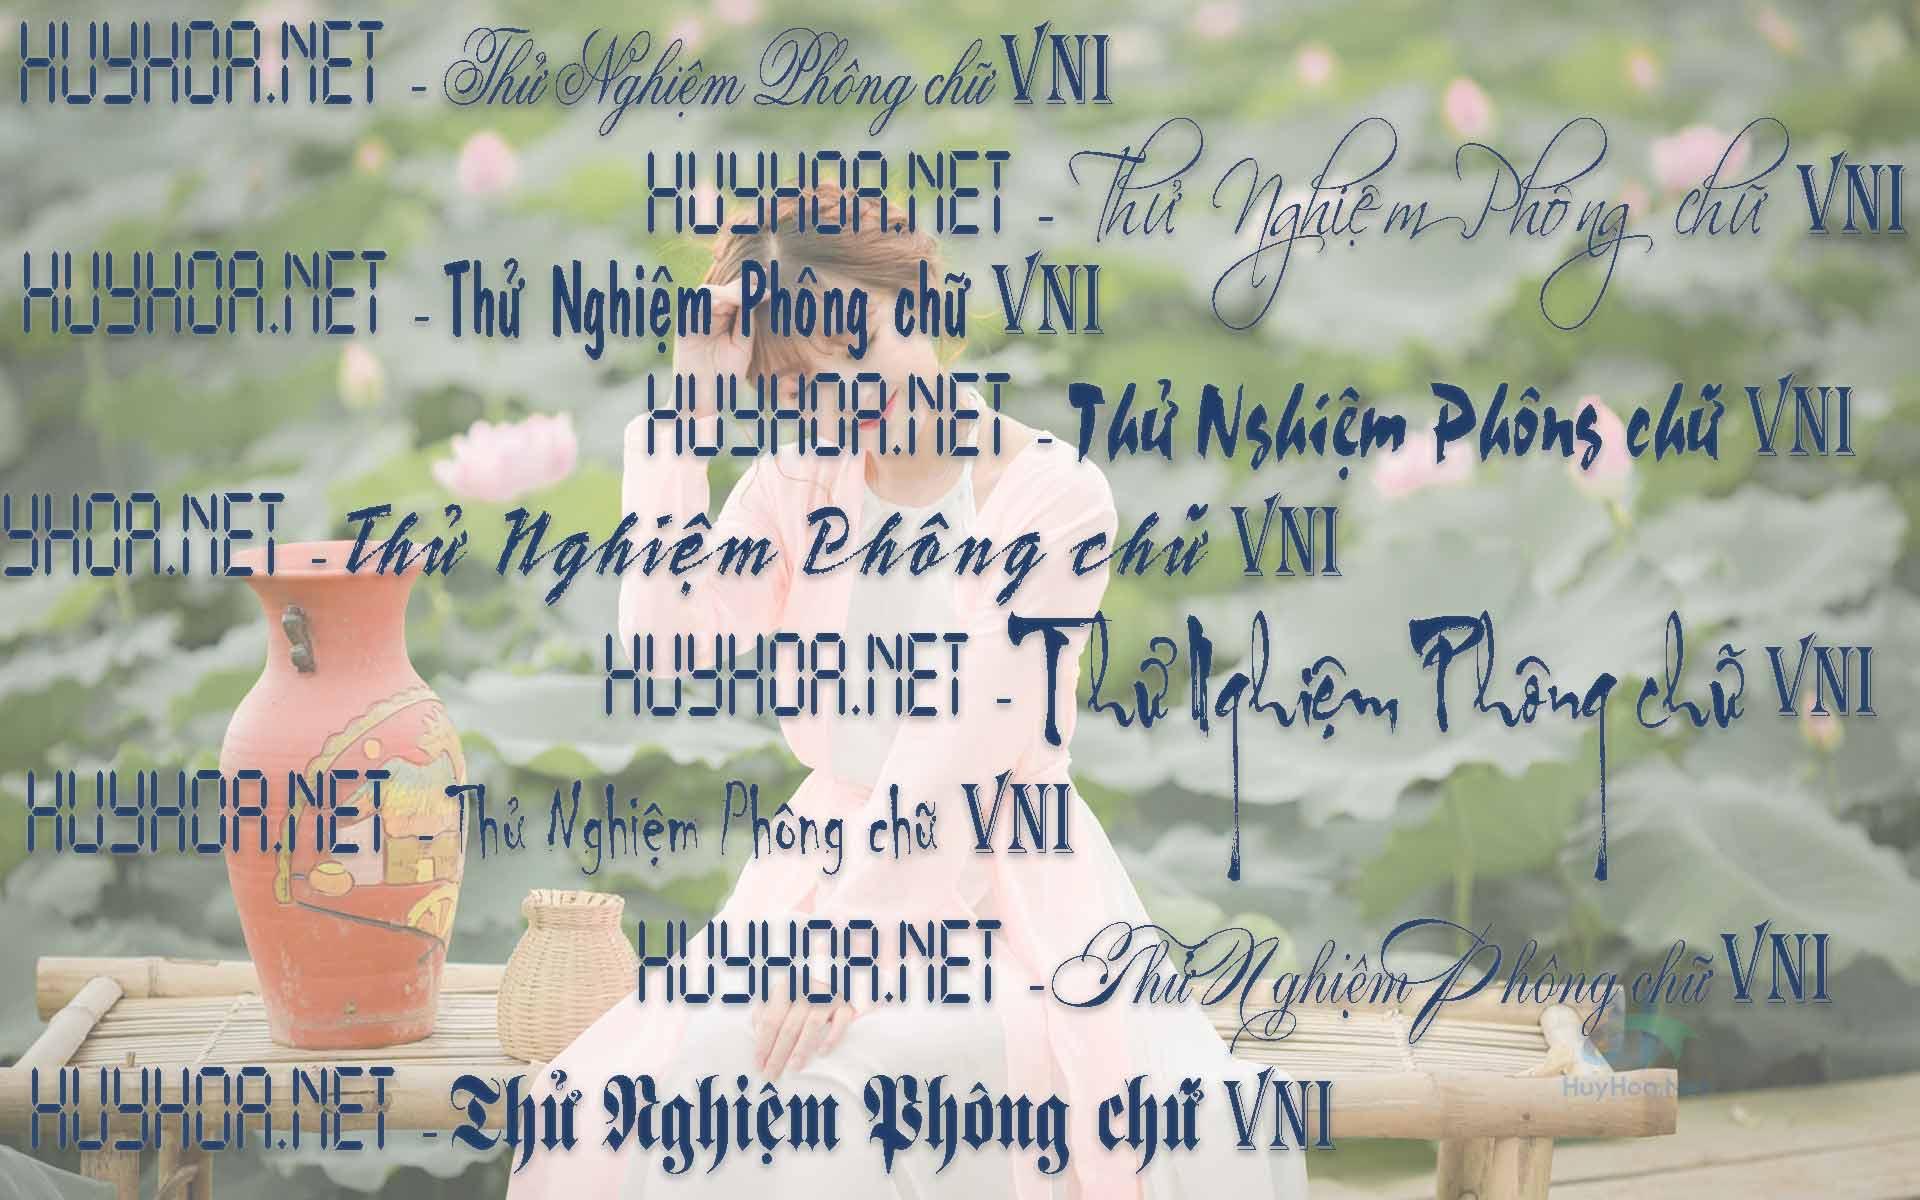 Font VNI Full - 750+ Font Tiếng Việt Cho Kiểu Gõ VNI